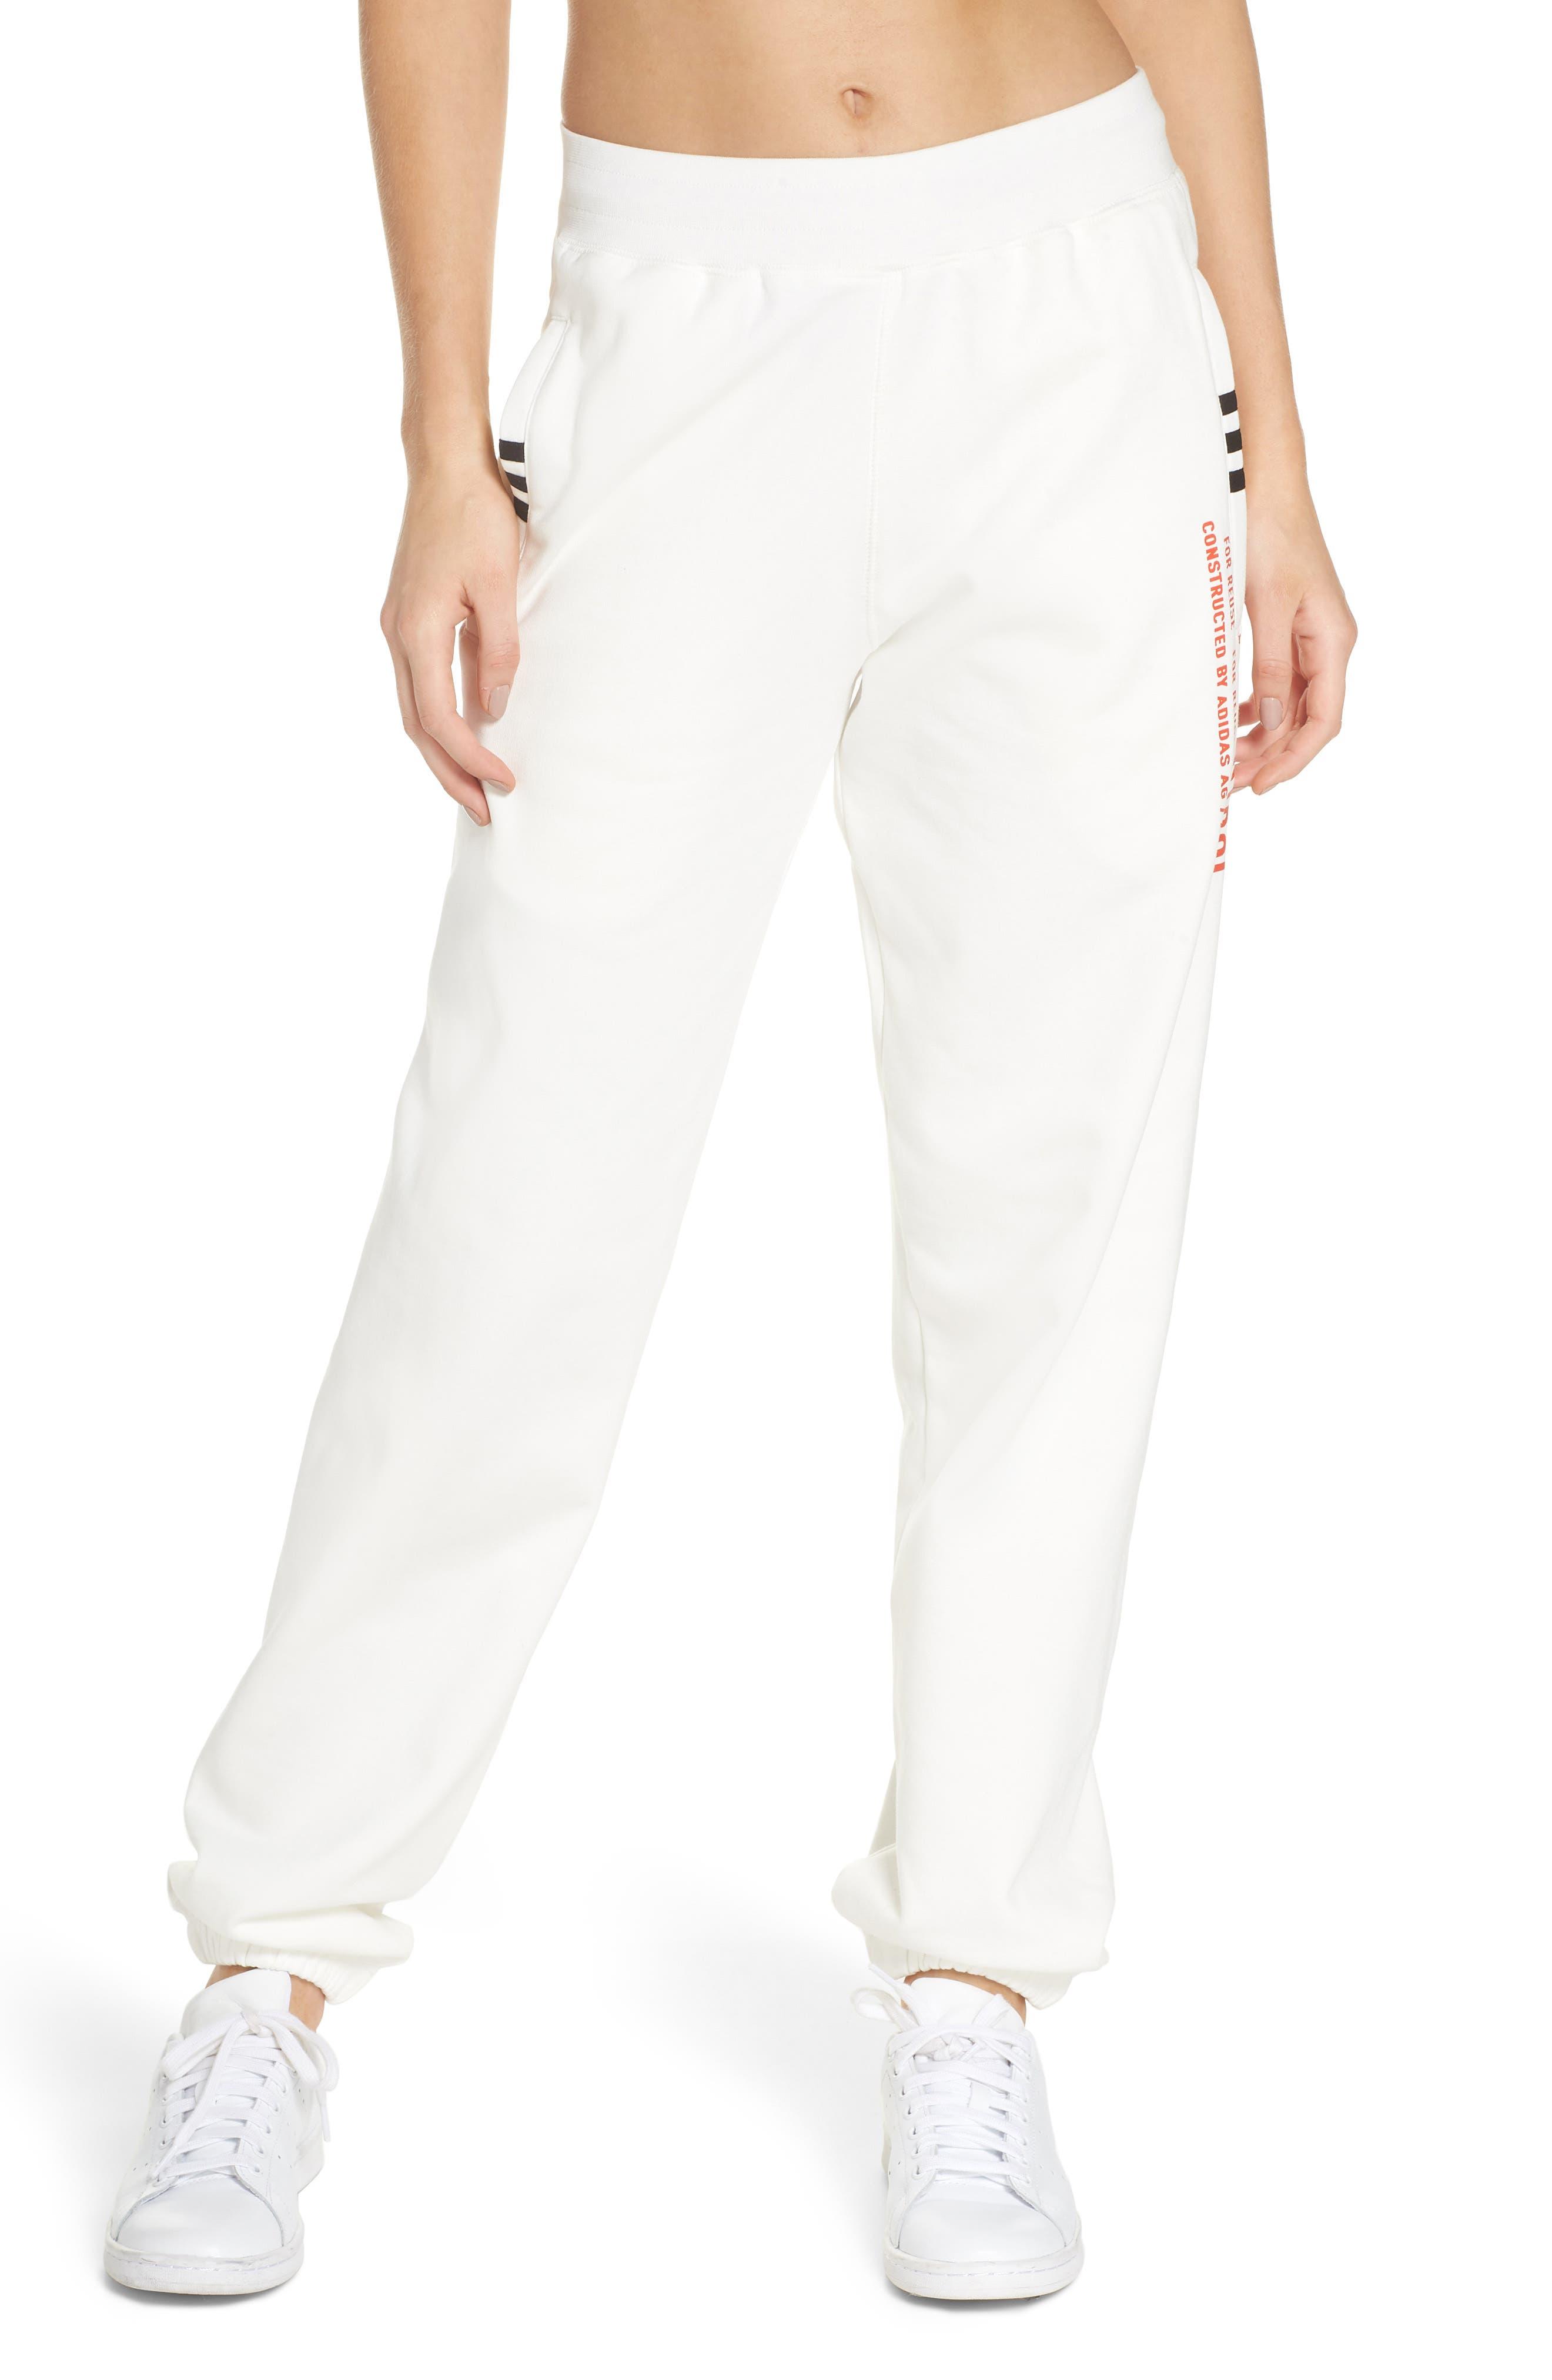 Graphite Jogger Pants,                             Main thumbnail 1, color,                             White/ Orange/ Black